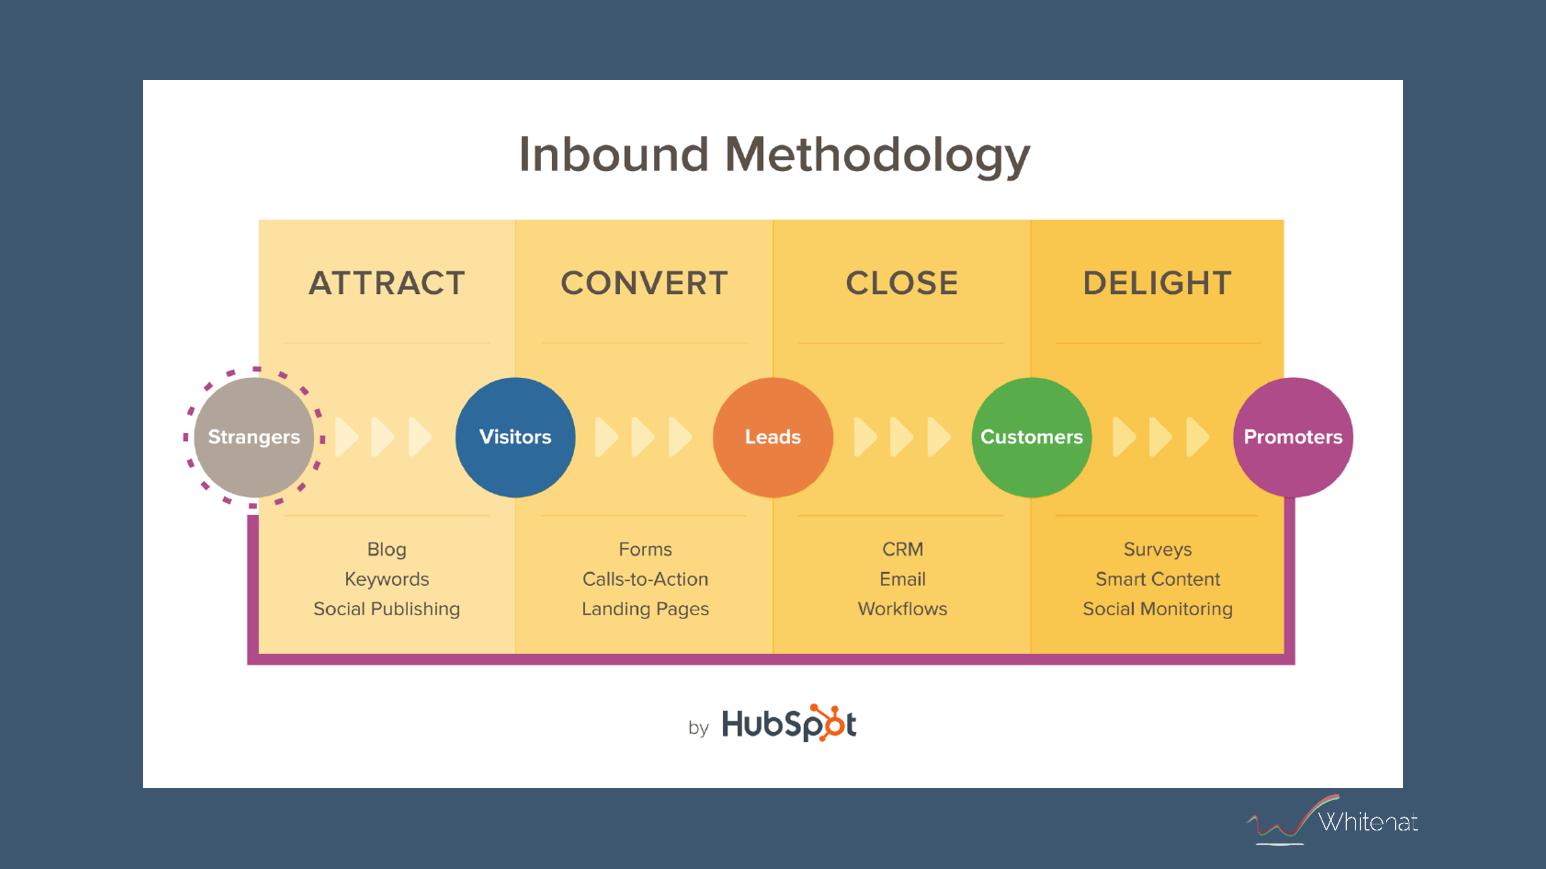 inbound-methodology-2